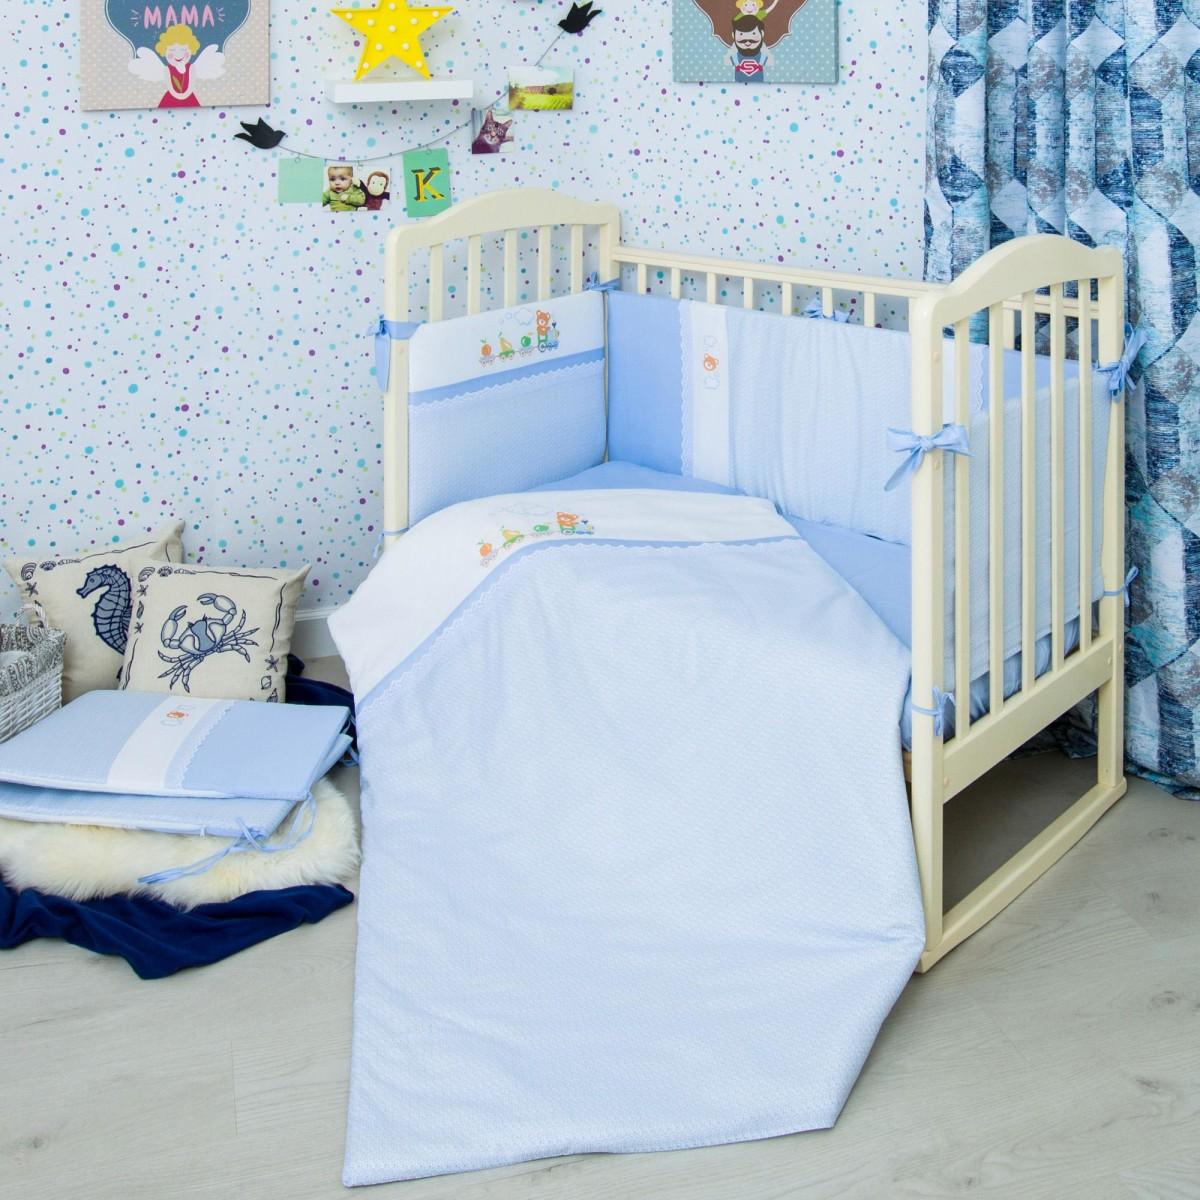 Комплект постельного белья Паровозик в кроватку сатин 6 предм.